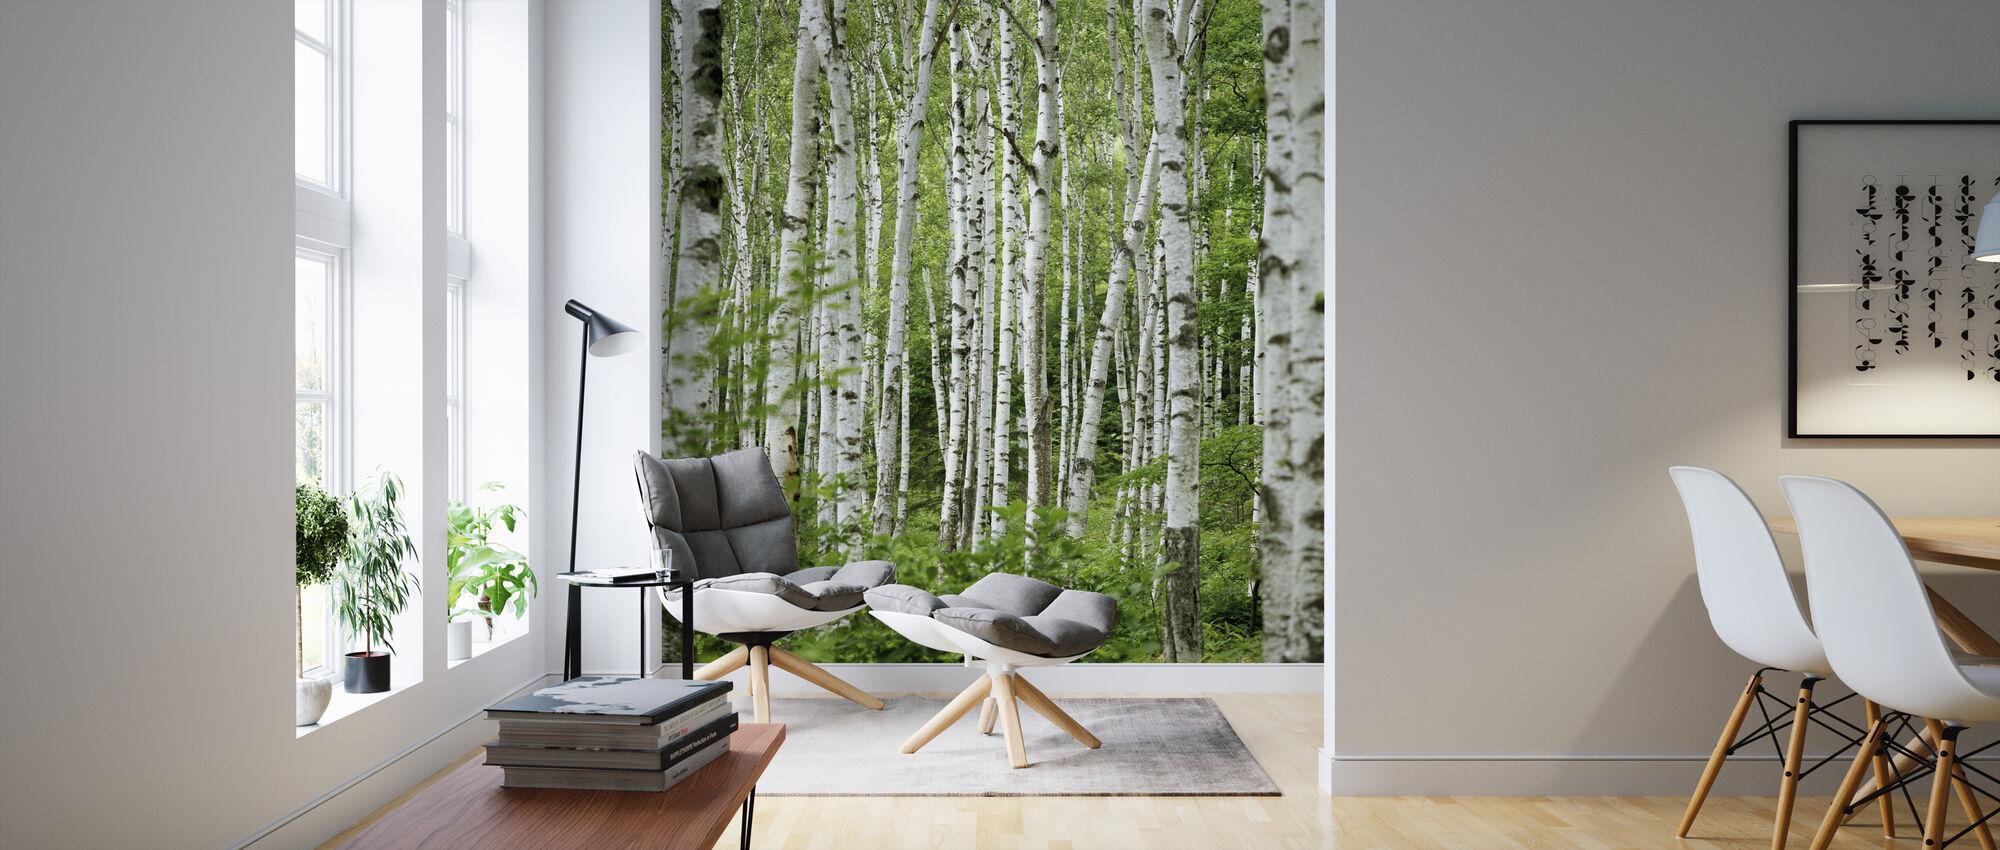 Summer Birch Trees - Wallpaper - Living Room